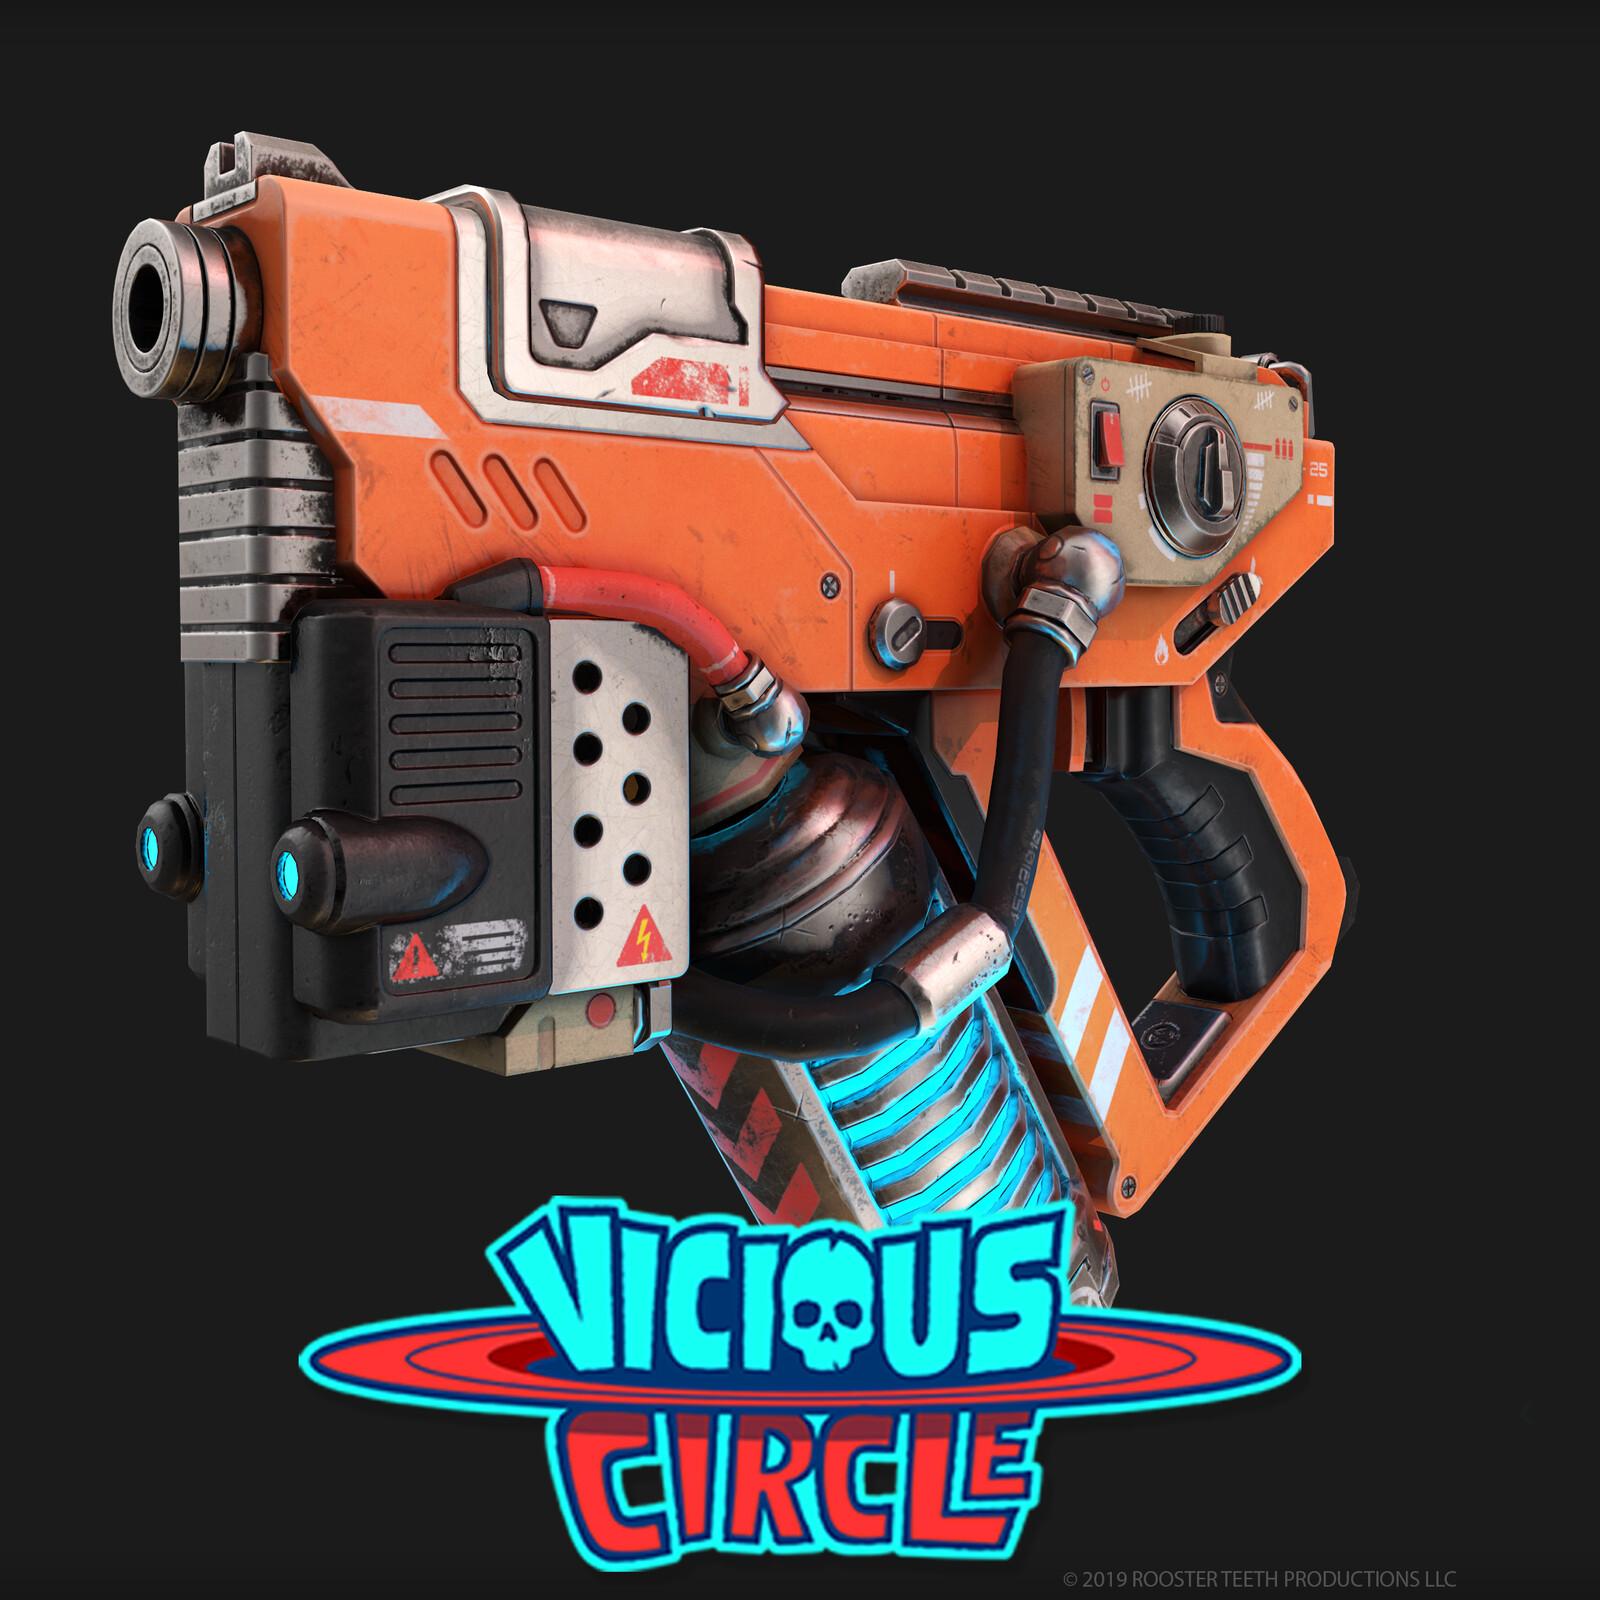 Vicious Circle - Base Pistol